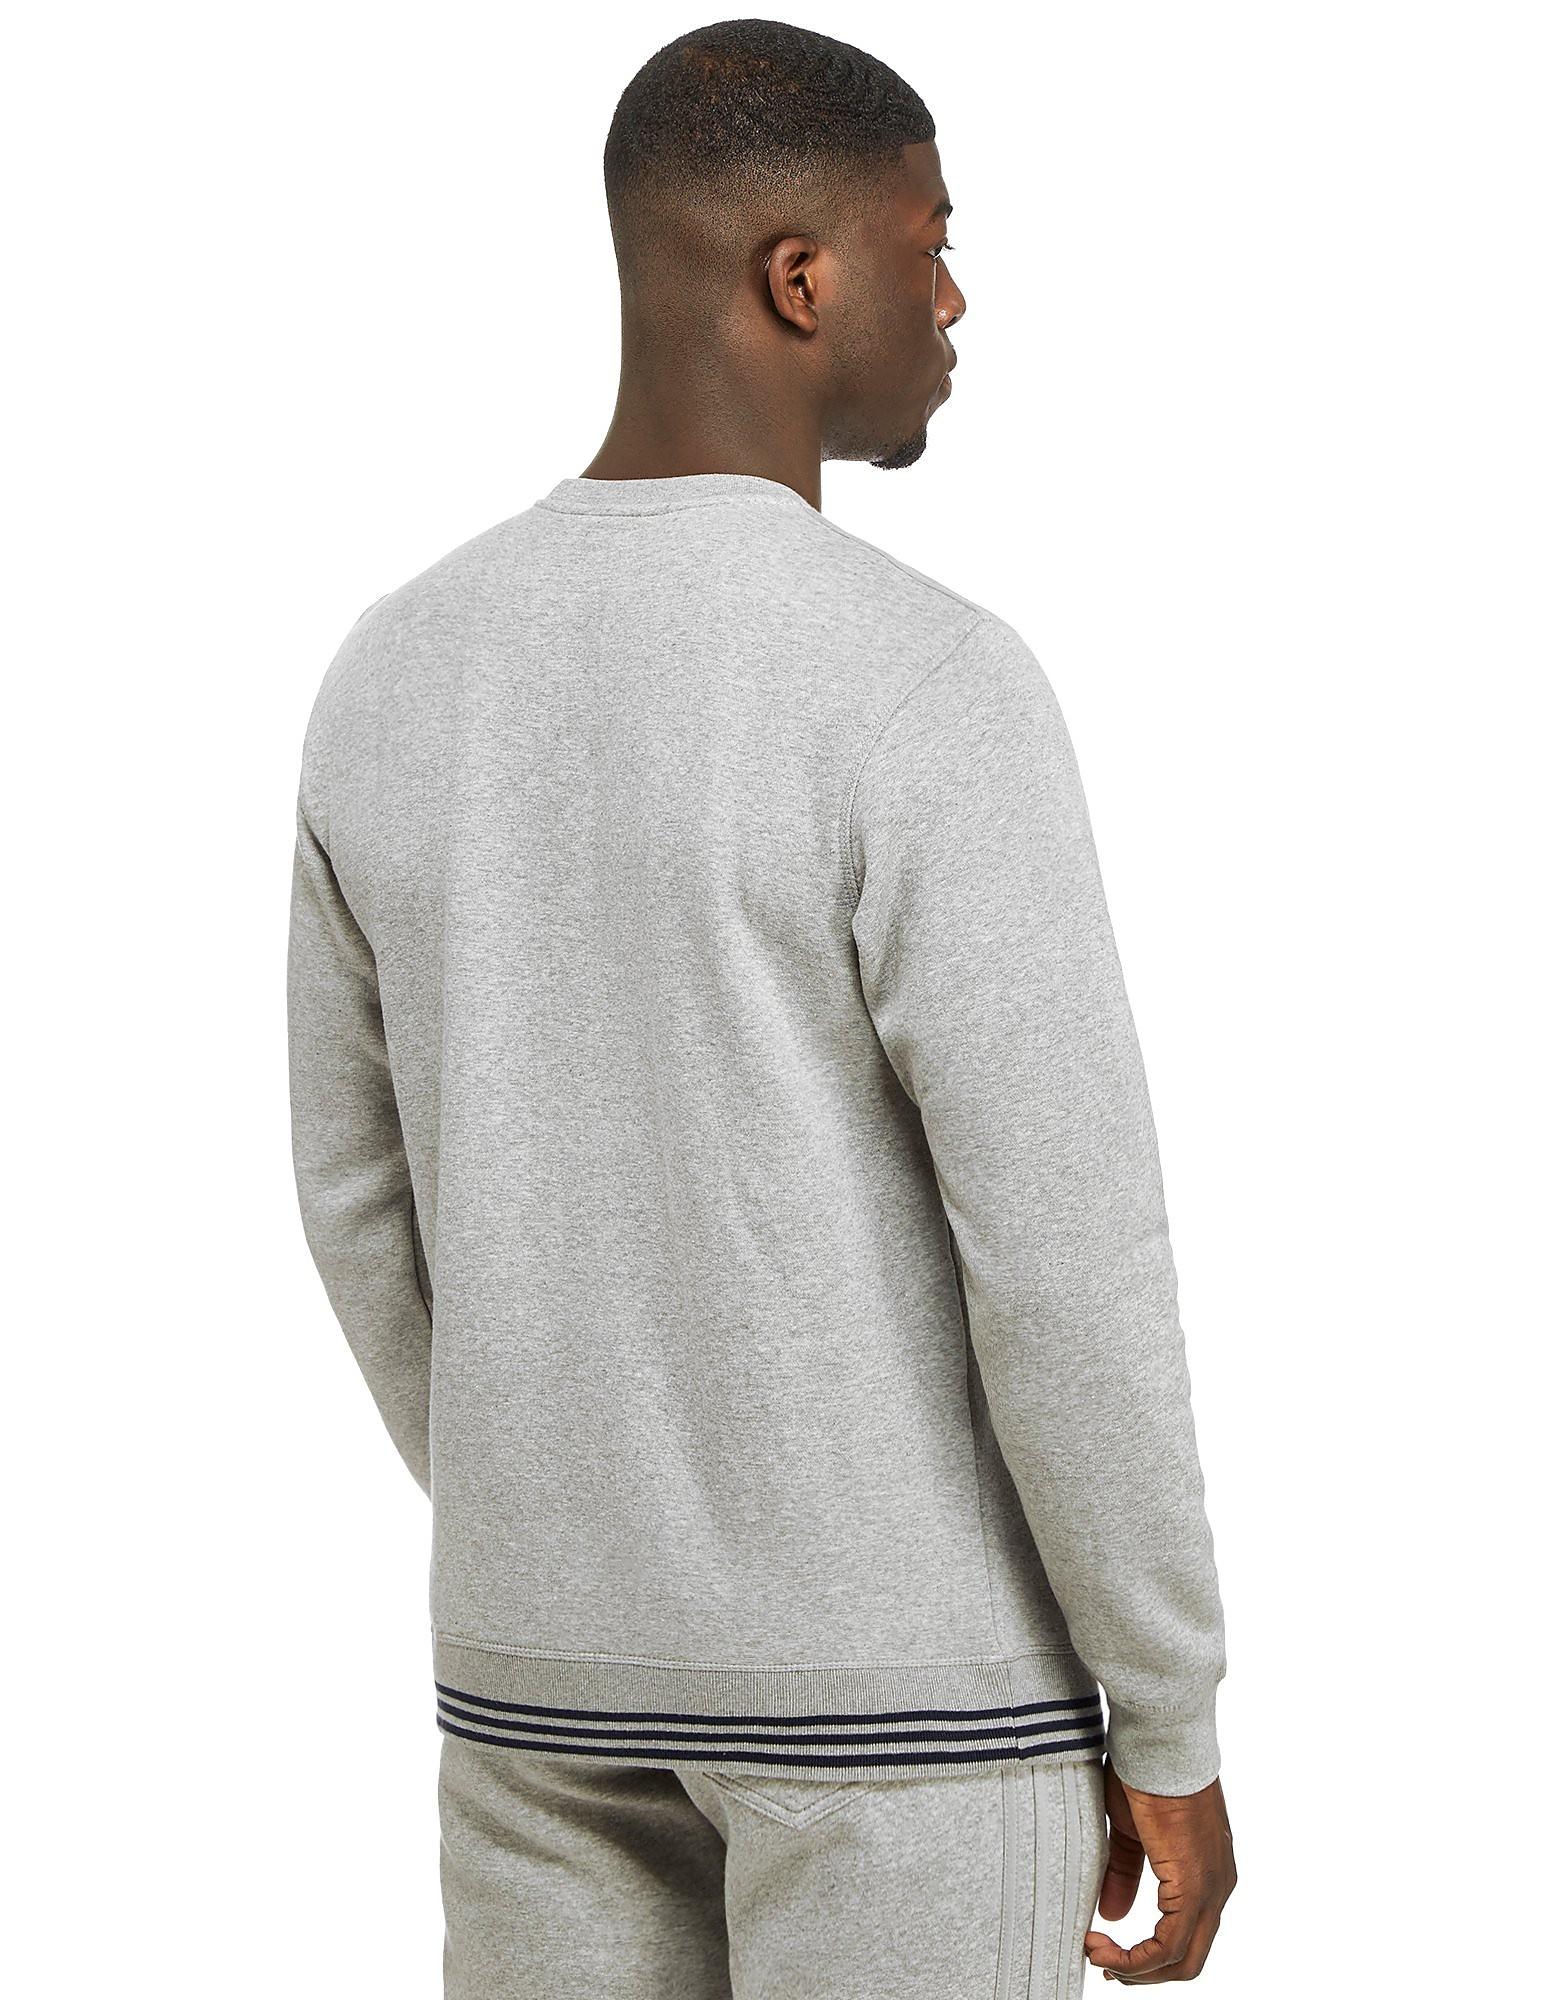 adidas Originals Premium Tip Crew Sweatshirt